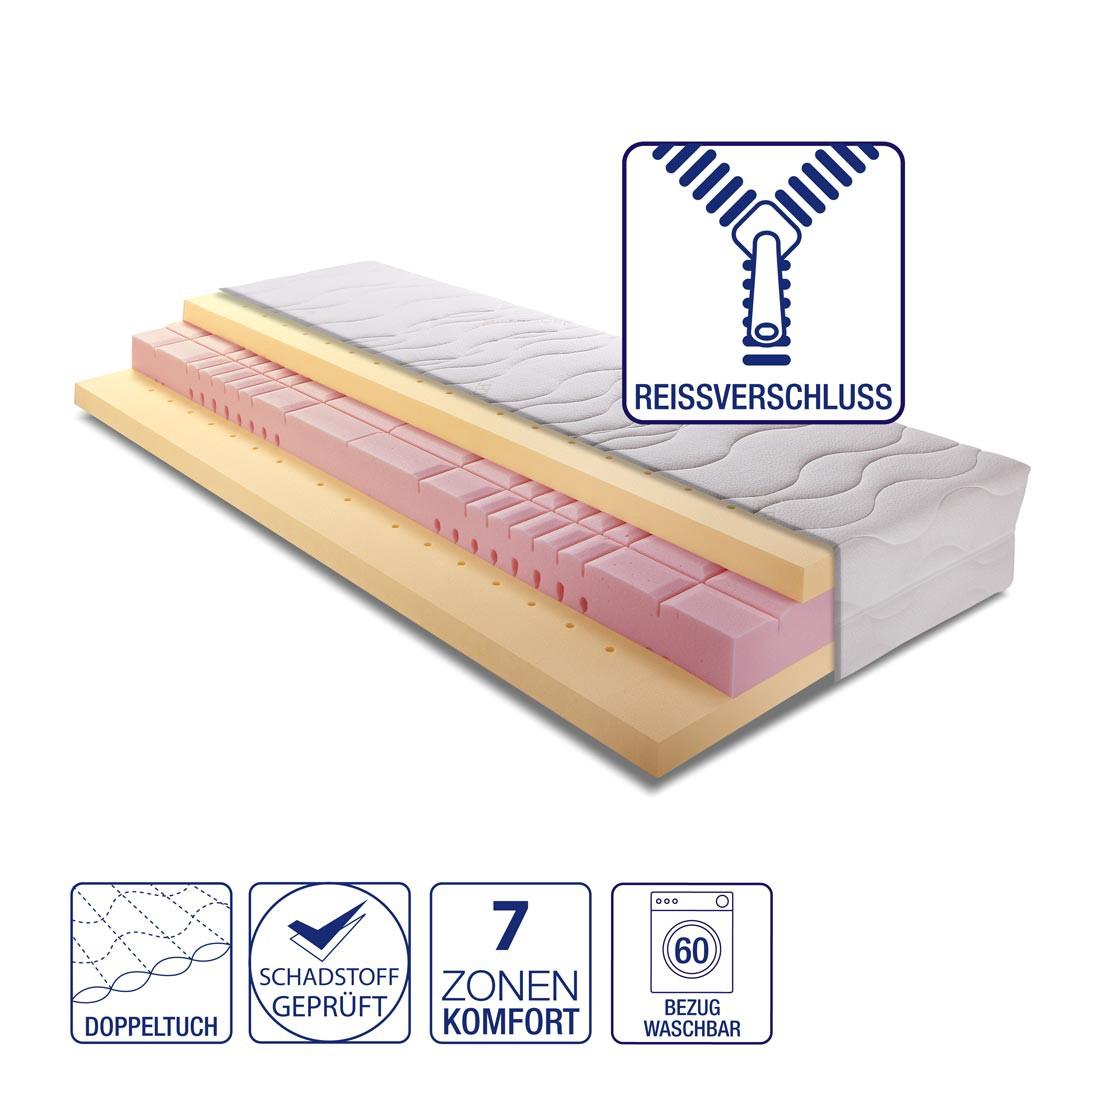 Matelas Memory Premium visco-élastique : blanc - 90 x 200cm - D2 jusqu'à 80 kg, Breckle